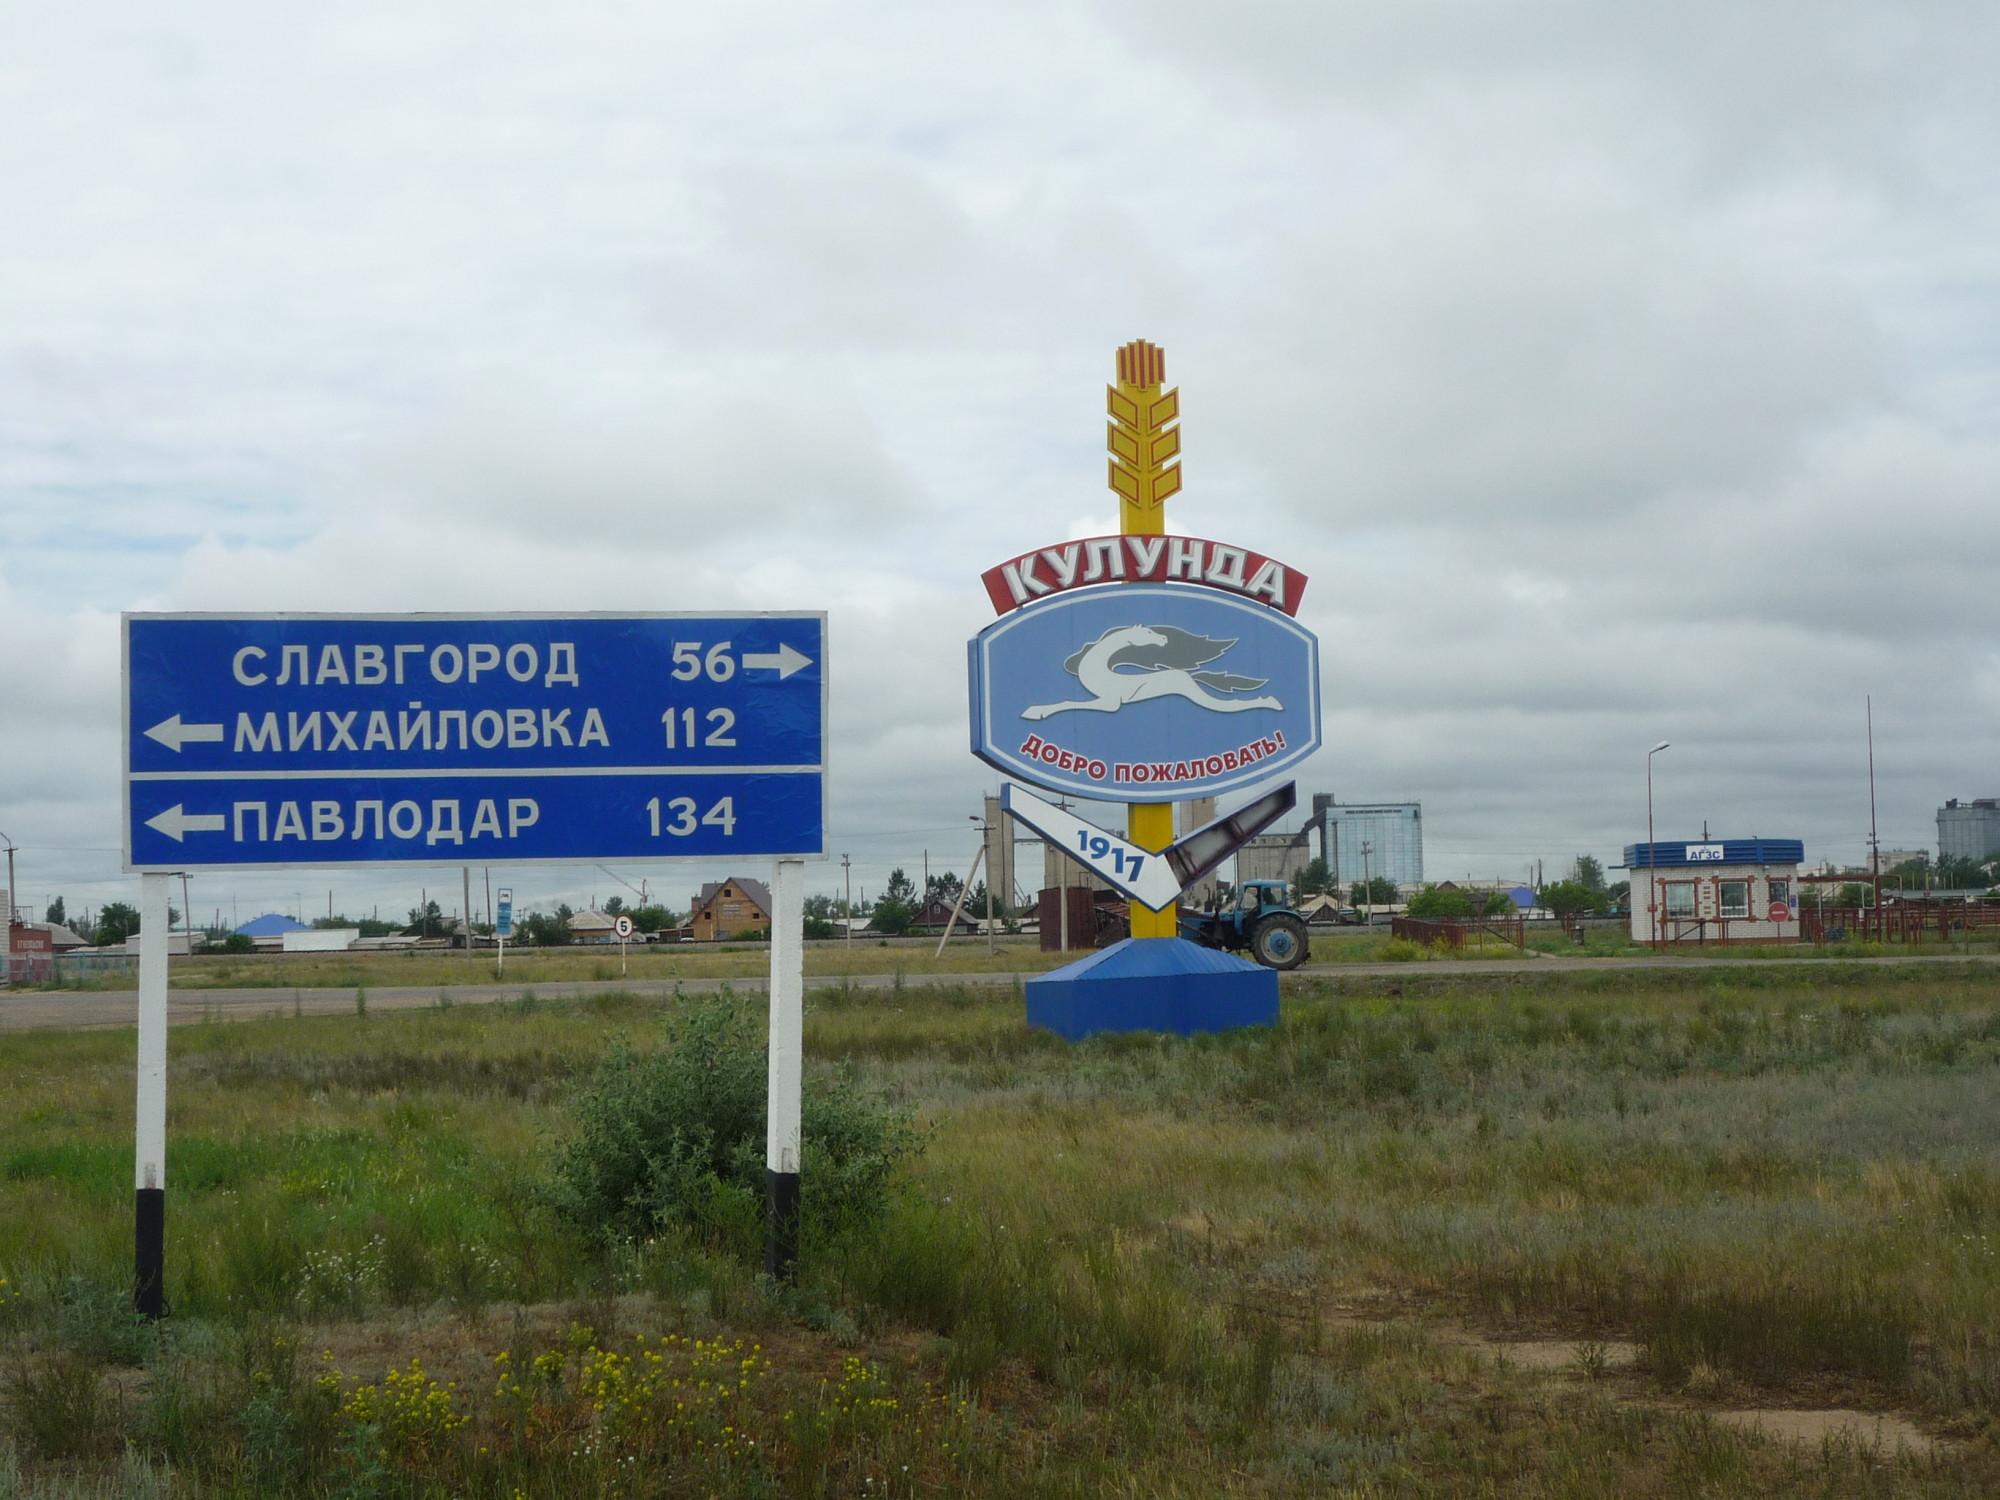 shlyuhi-slavgorod-altayskiy-kray